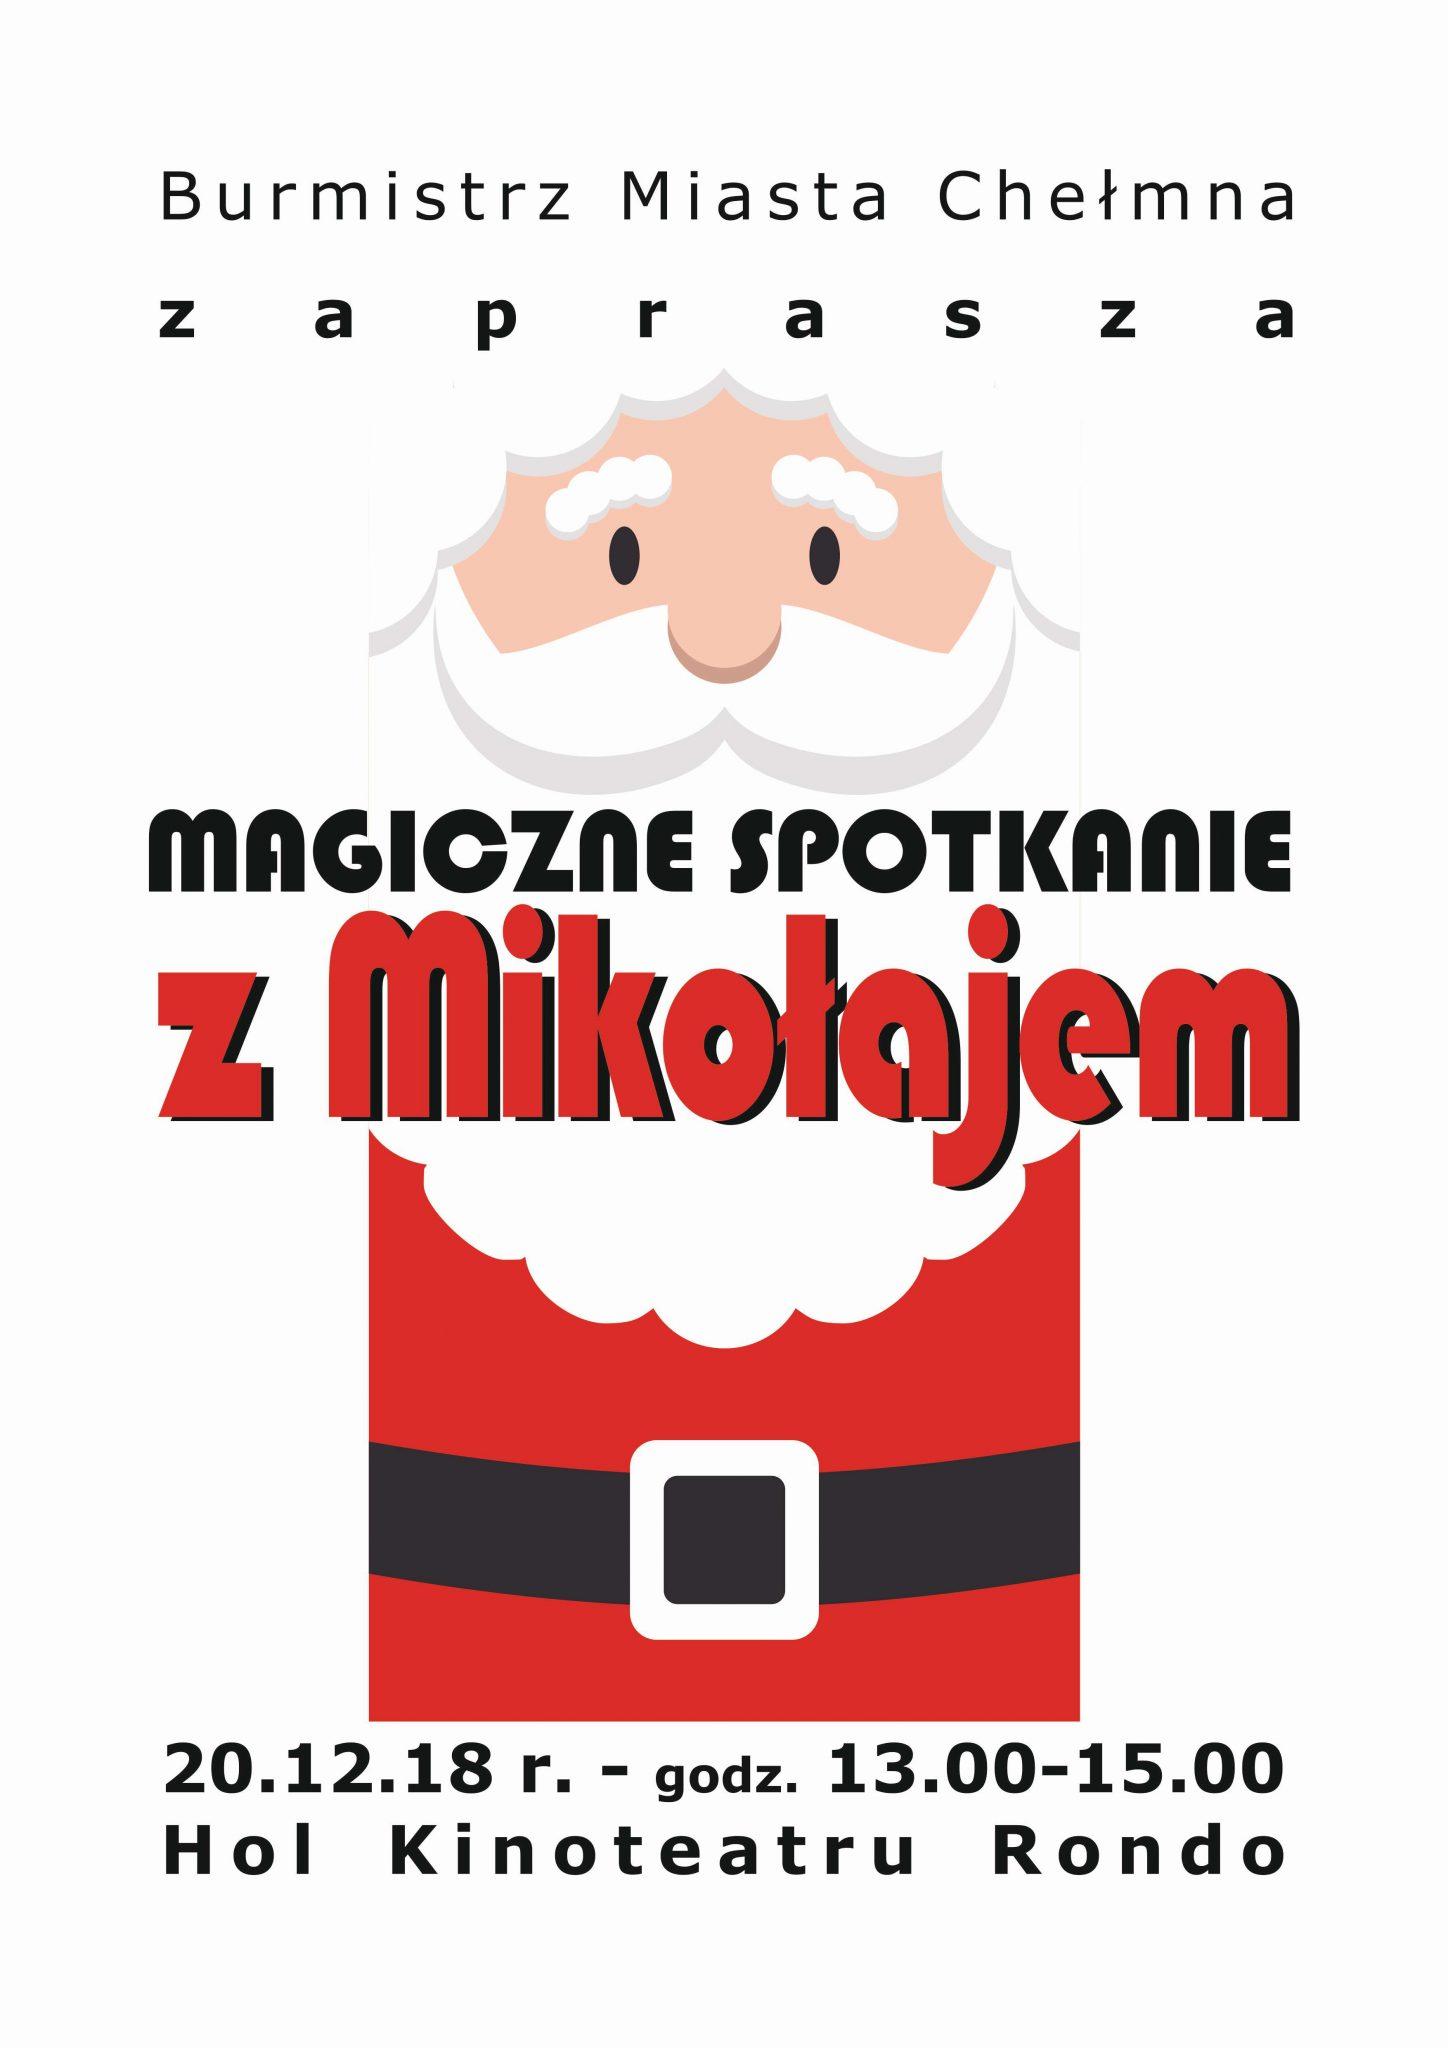 Burmistrz Miasta Chełmna zaprasza na Magiczne spotkanie z Mikołajem! 20.12.18 r. – godz. 13.00-15.00 Hol Kinoteatru Rondo